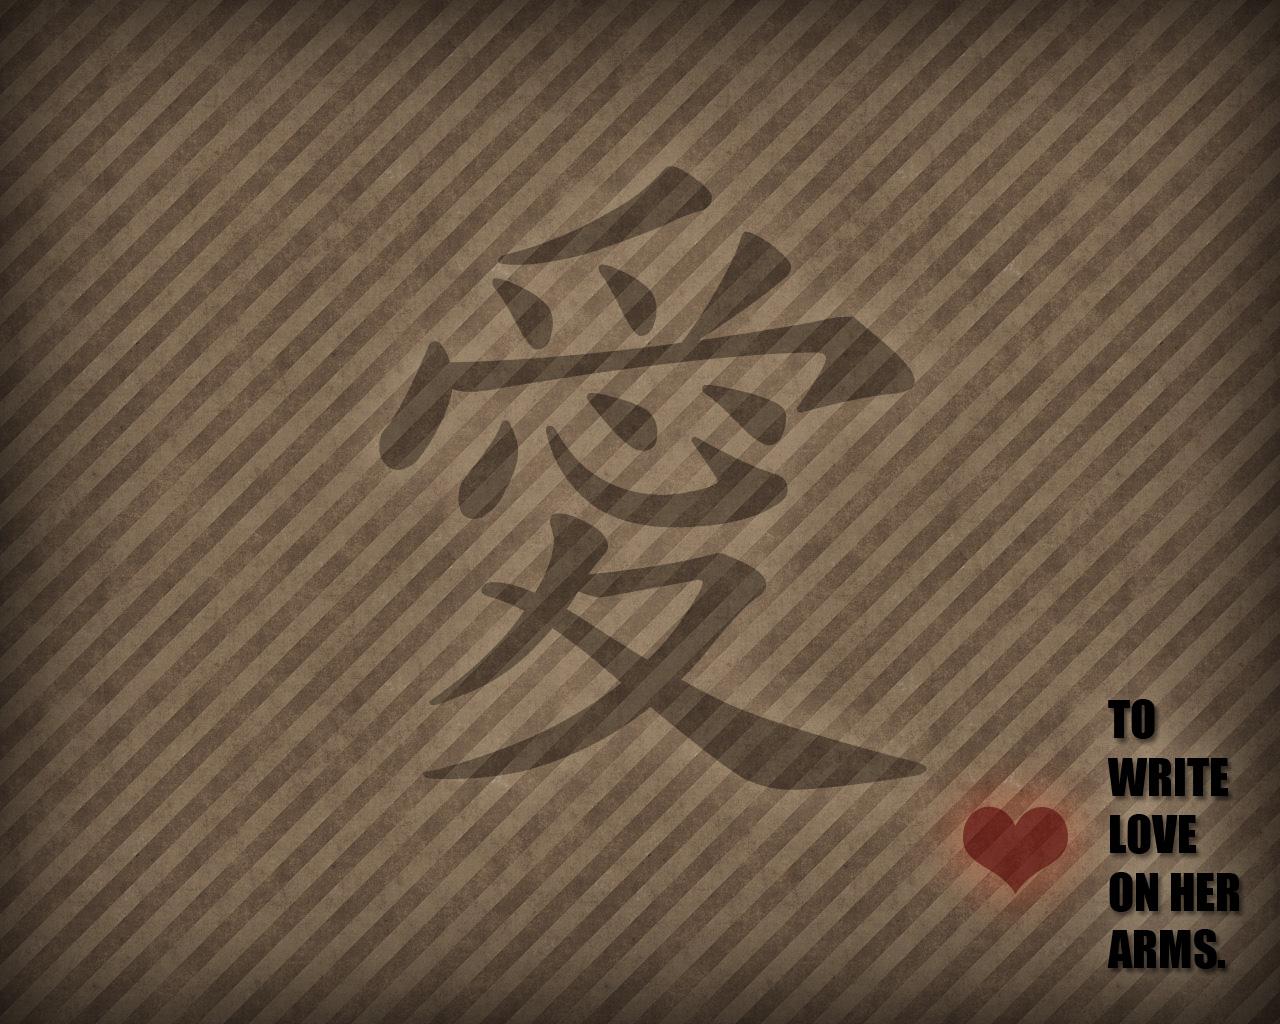 TWLOHA by Nihongo86